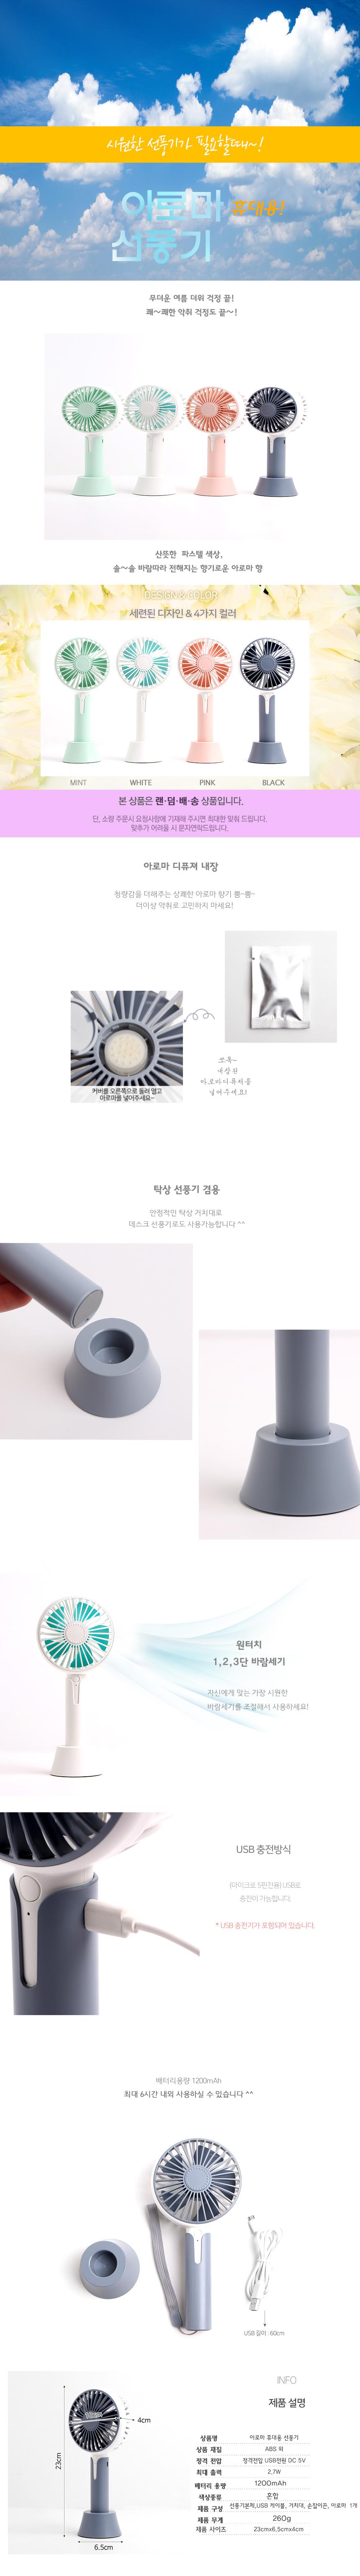 아로마 바람 휴대용 선풍기 - 기프트갓, 18,000원, USB 계절가전, 선풍기